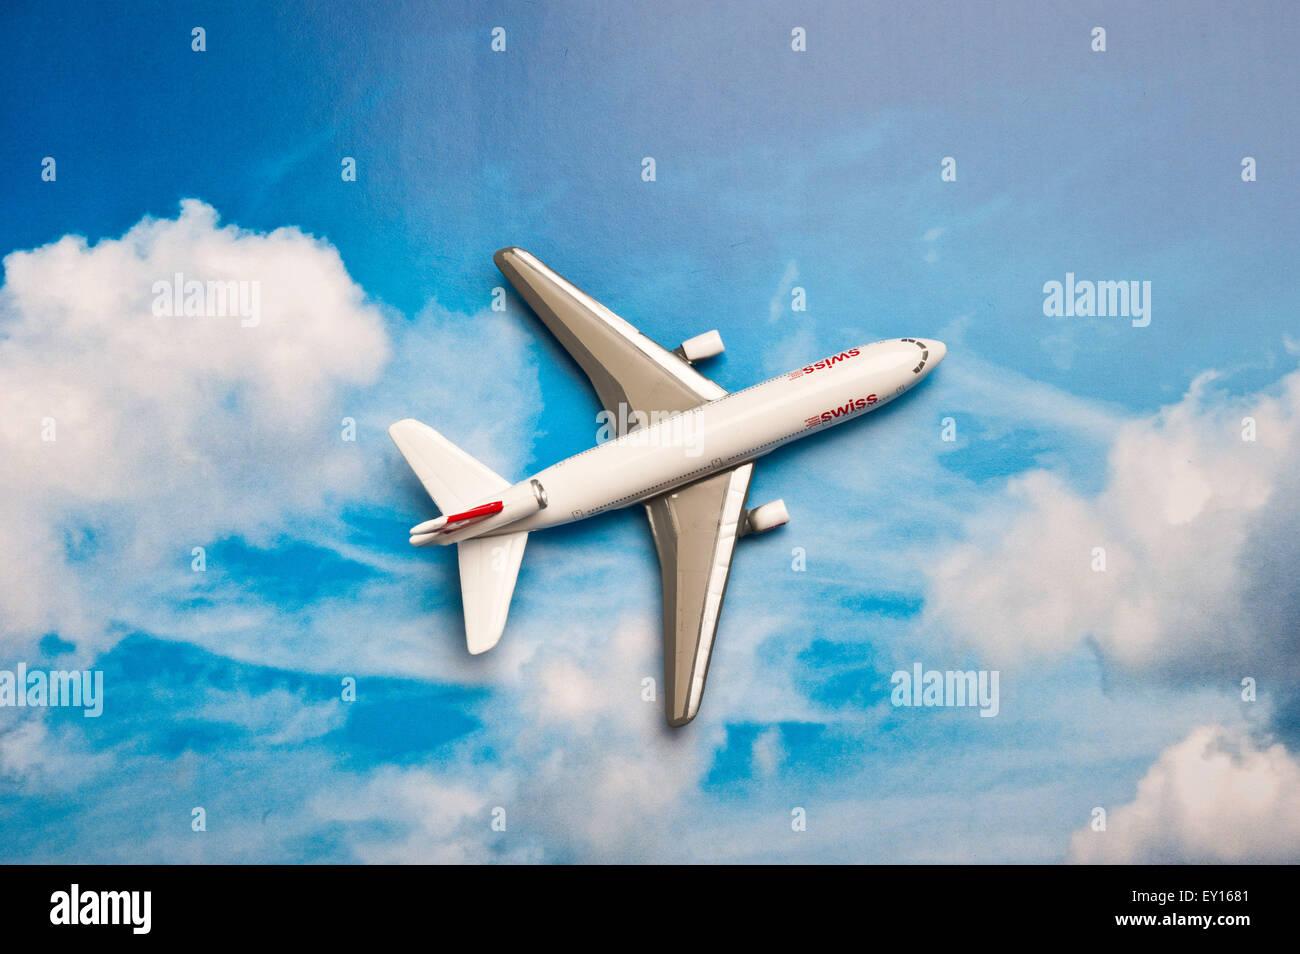 Miniatur-Spielzeugflugzeug Swissair auf einem gedruckten Himmelshintergrund Stockbild